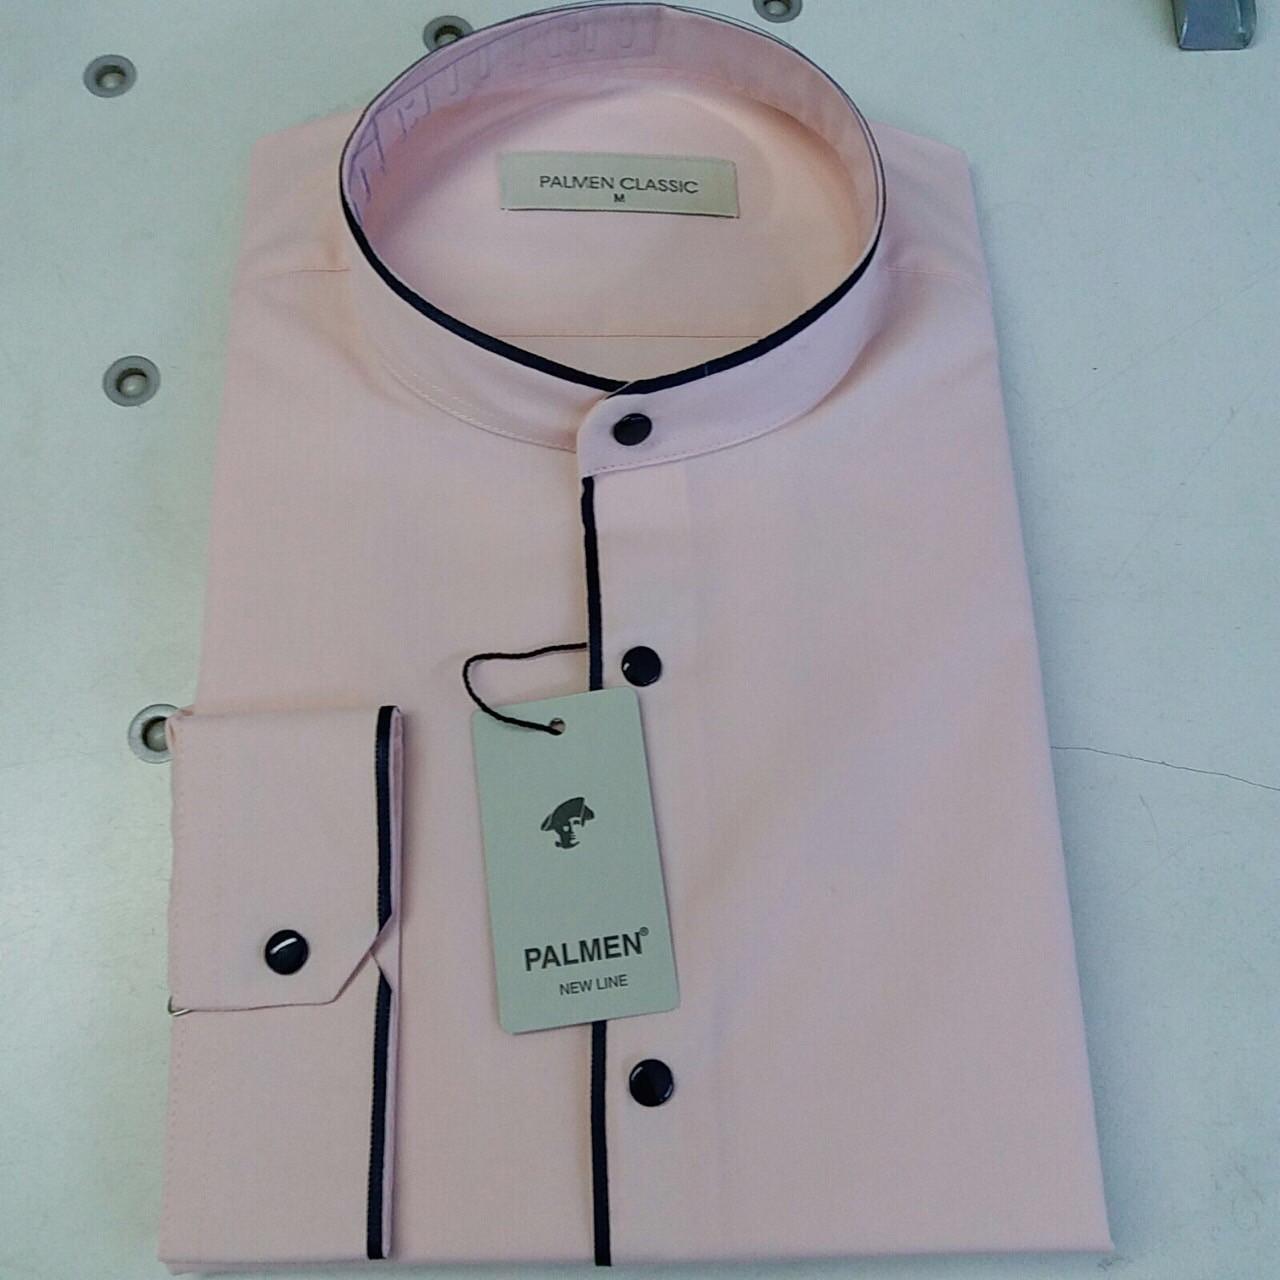 Акция!!! Рубашка однотонная Palmen - стойка